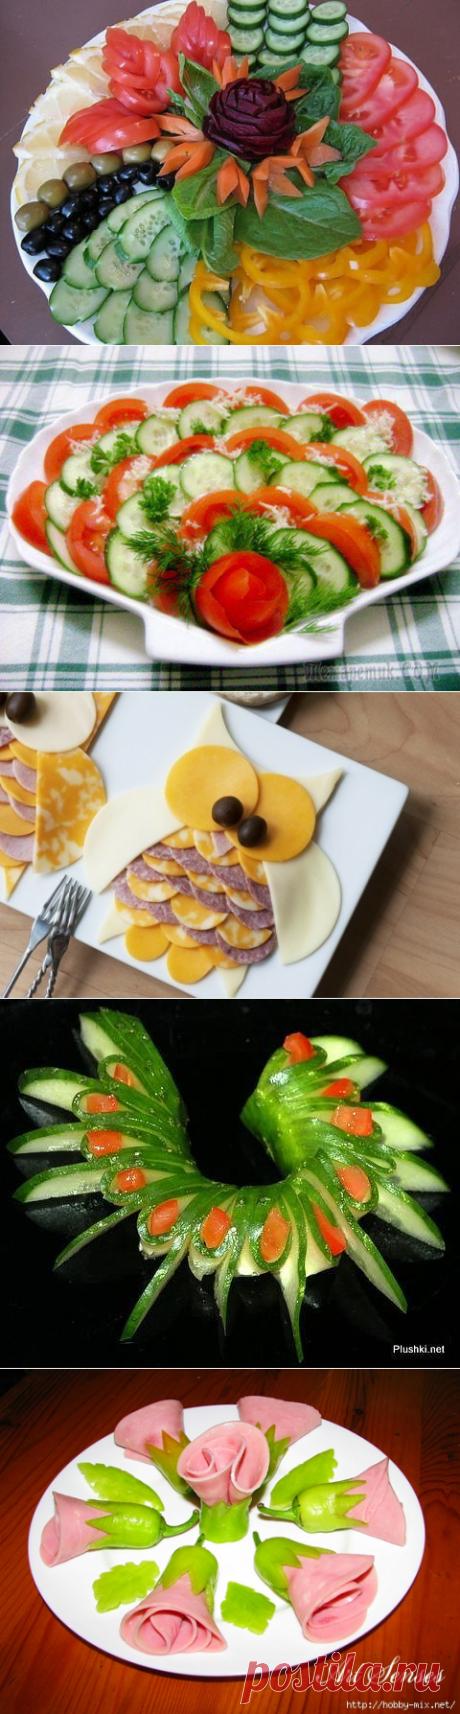 Украшение блюд | Записи в рубрике Украшение блюд | Дневник Namb